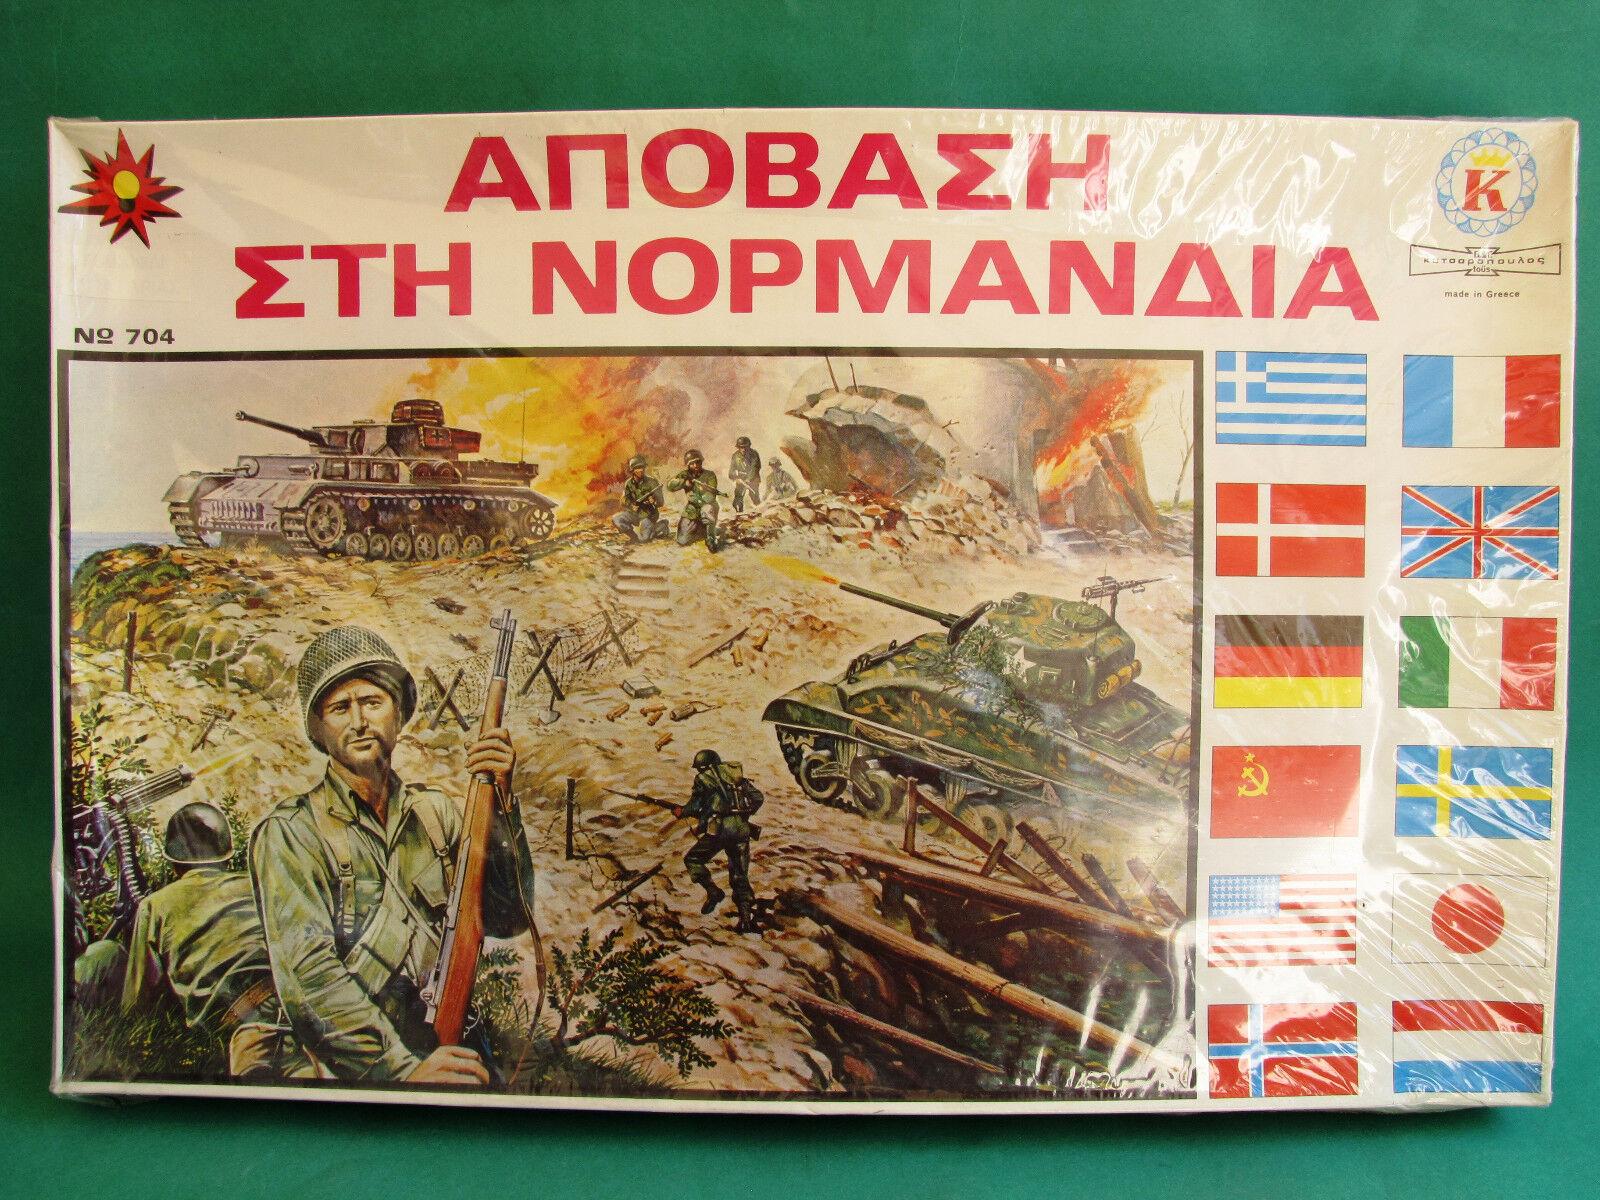 Nuevo Juego de Mesa Rara Vintage griego batalla de Normandía Menta en caja sellada katsaropoulos Segunda Guerra Mundial